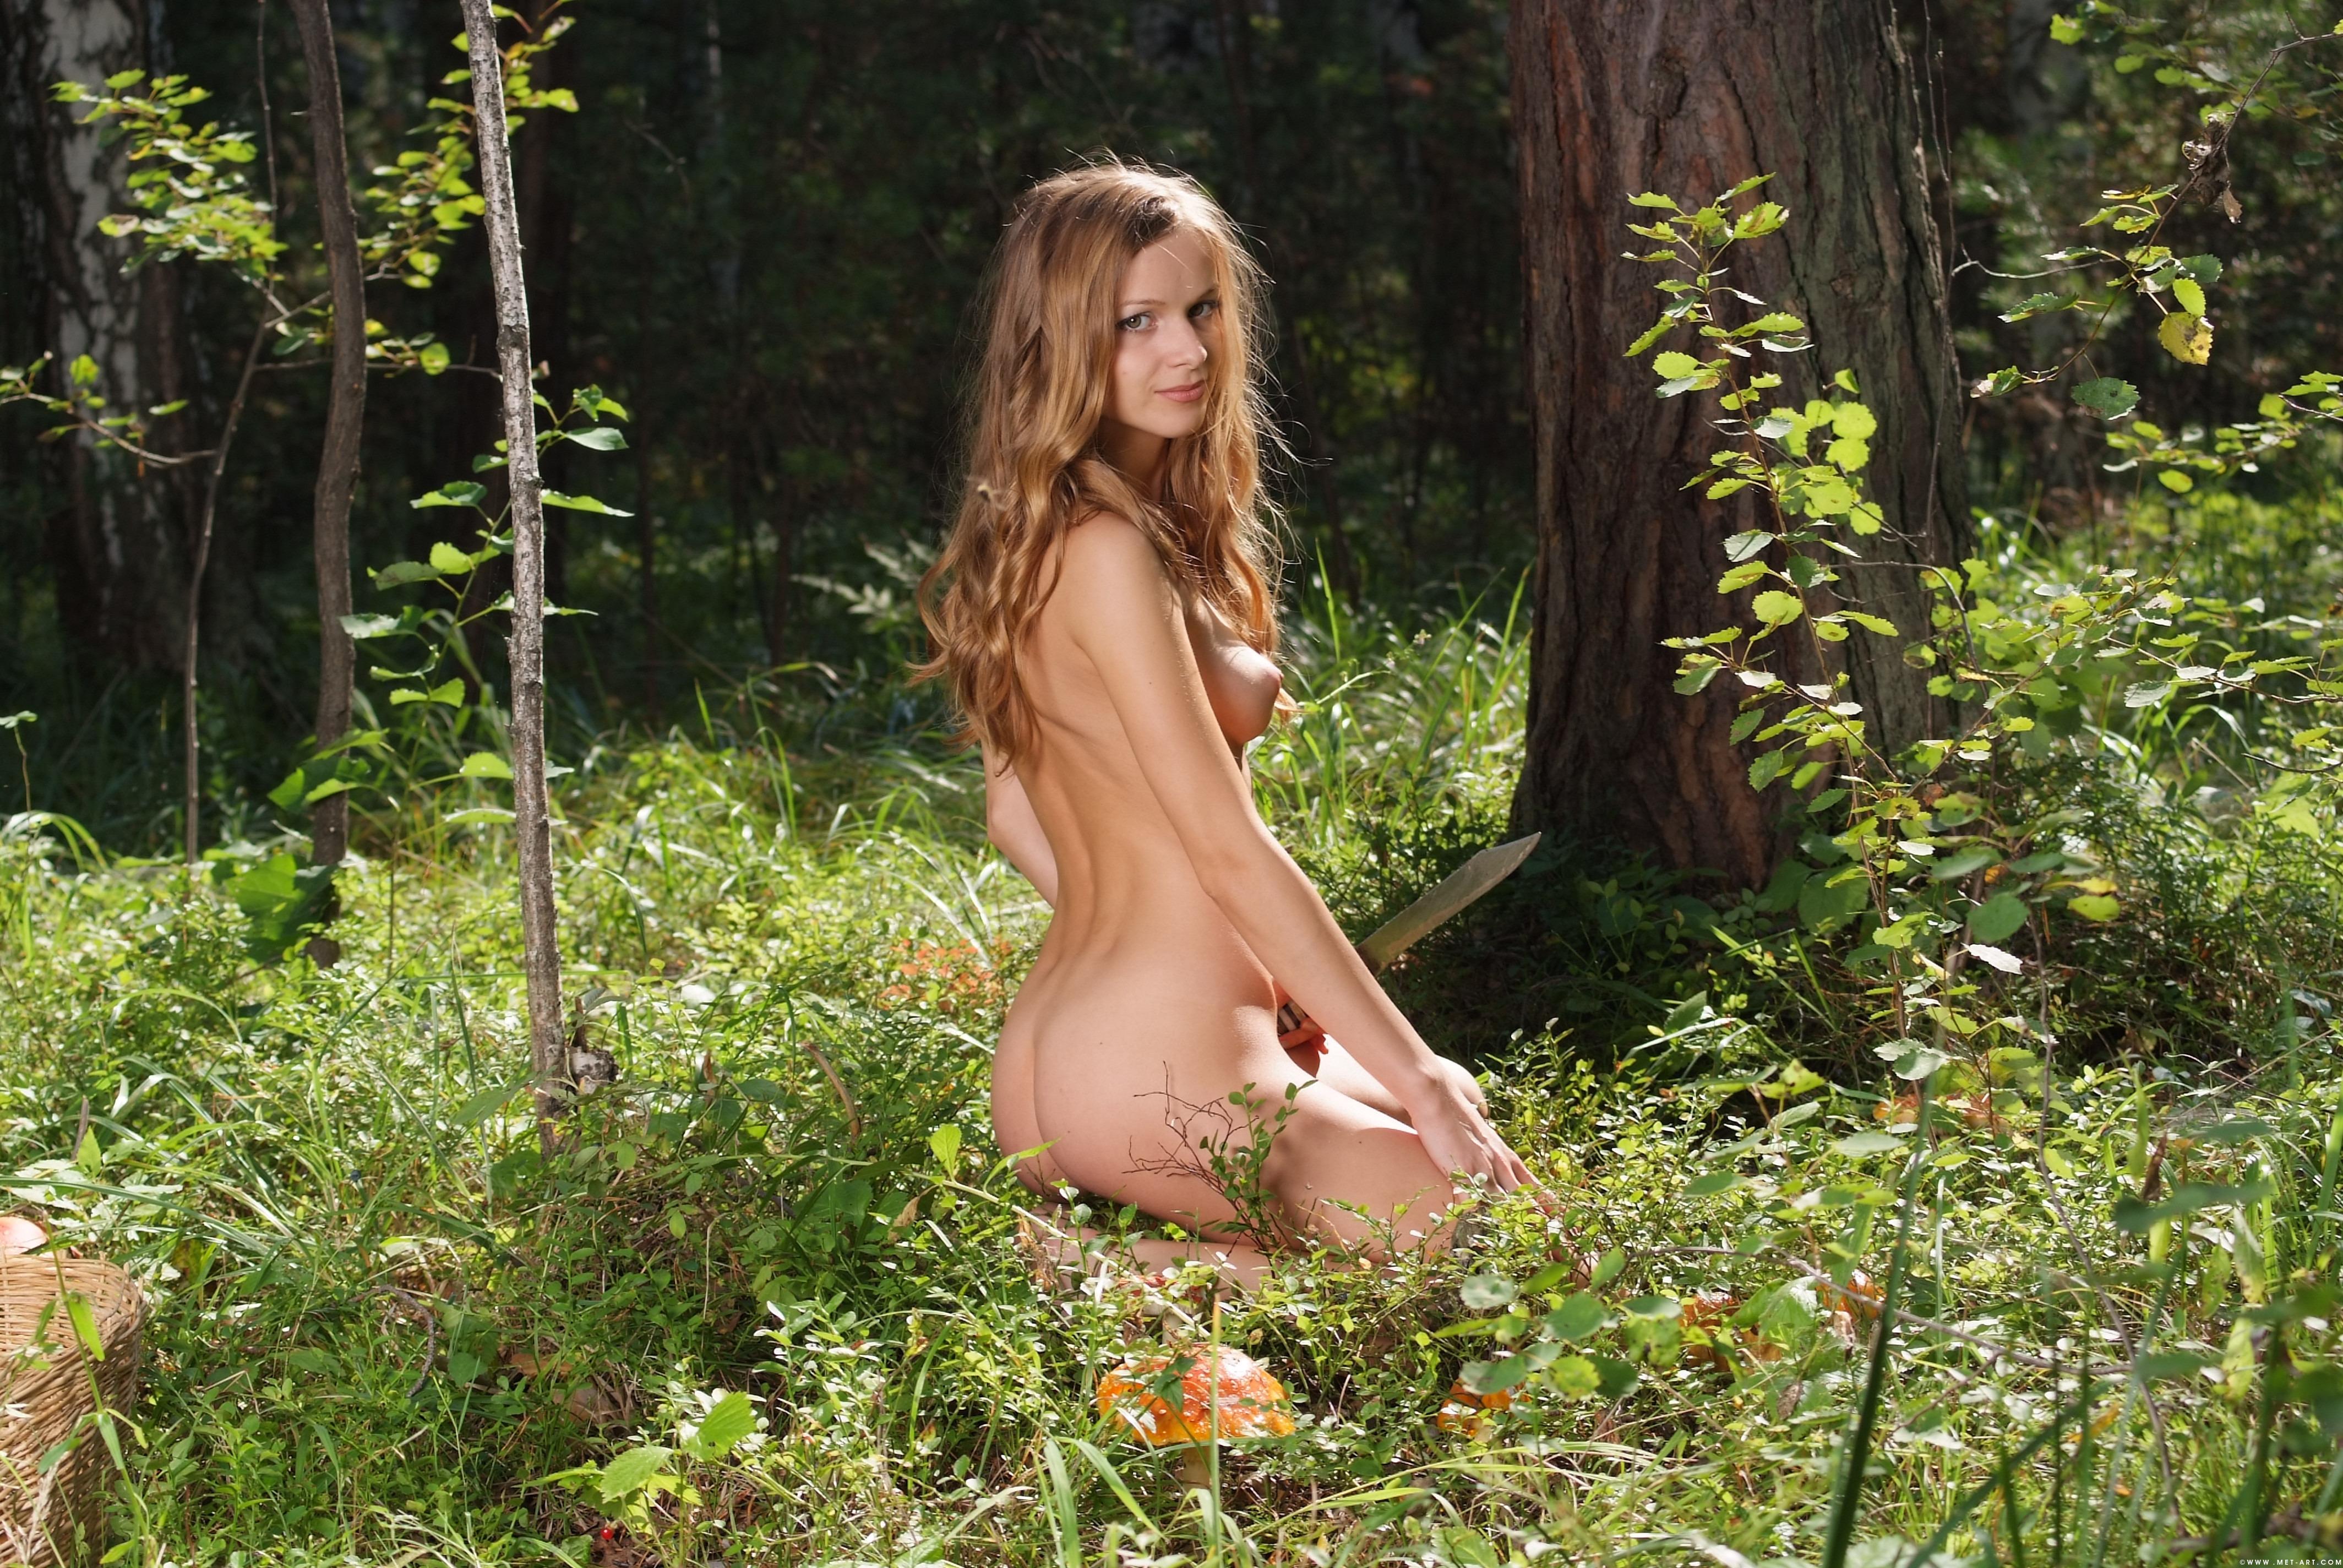 фото голых девушек в лесу